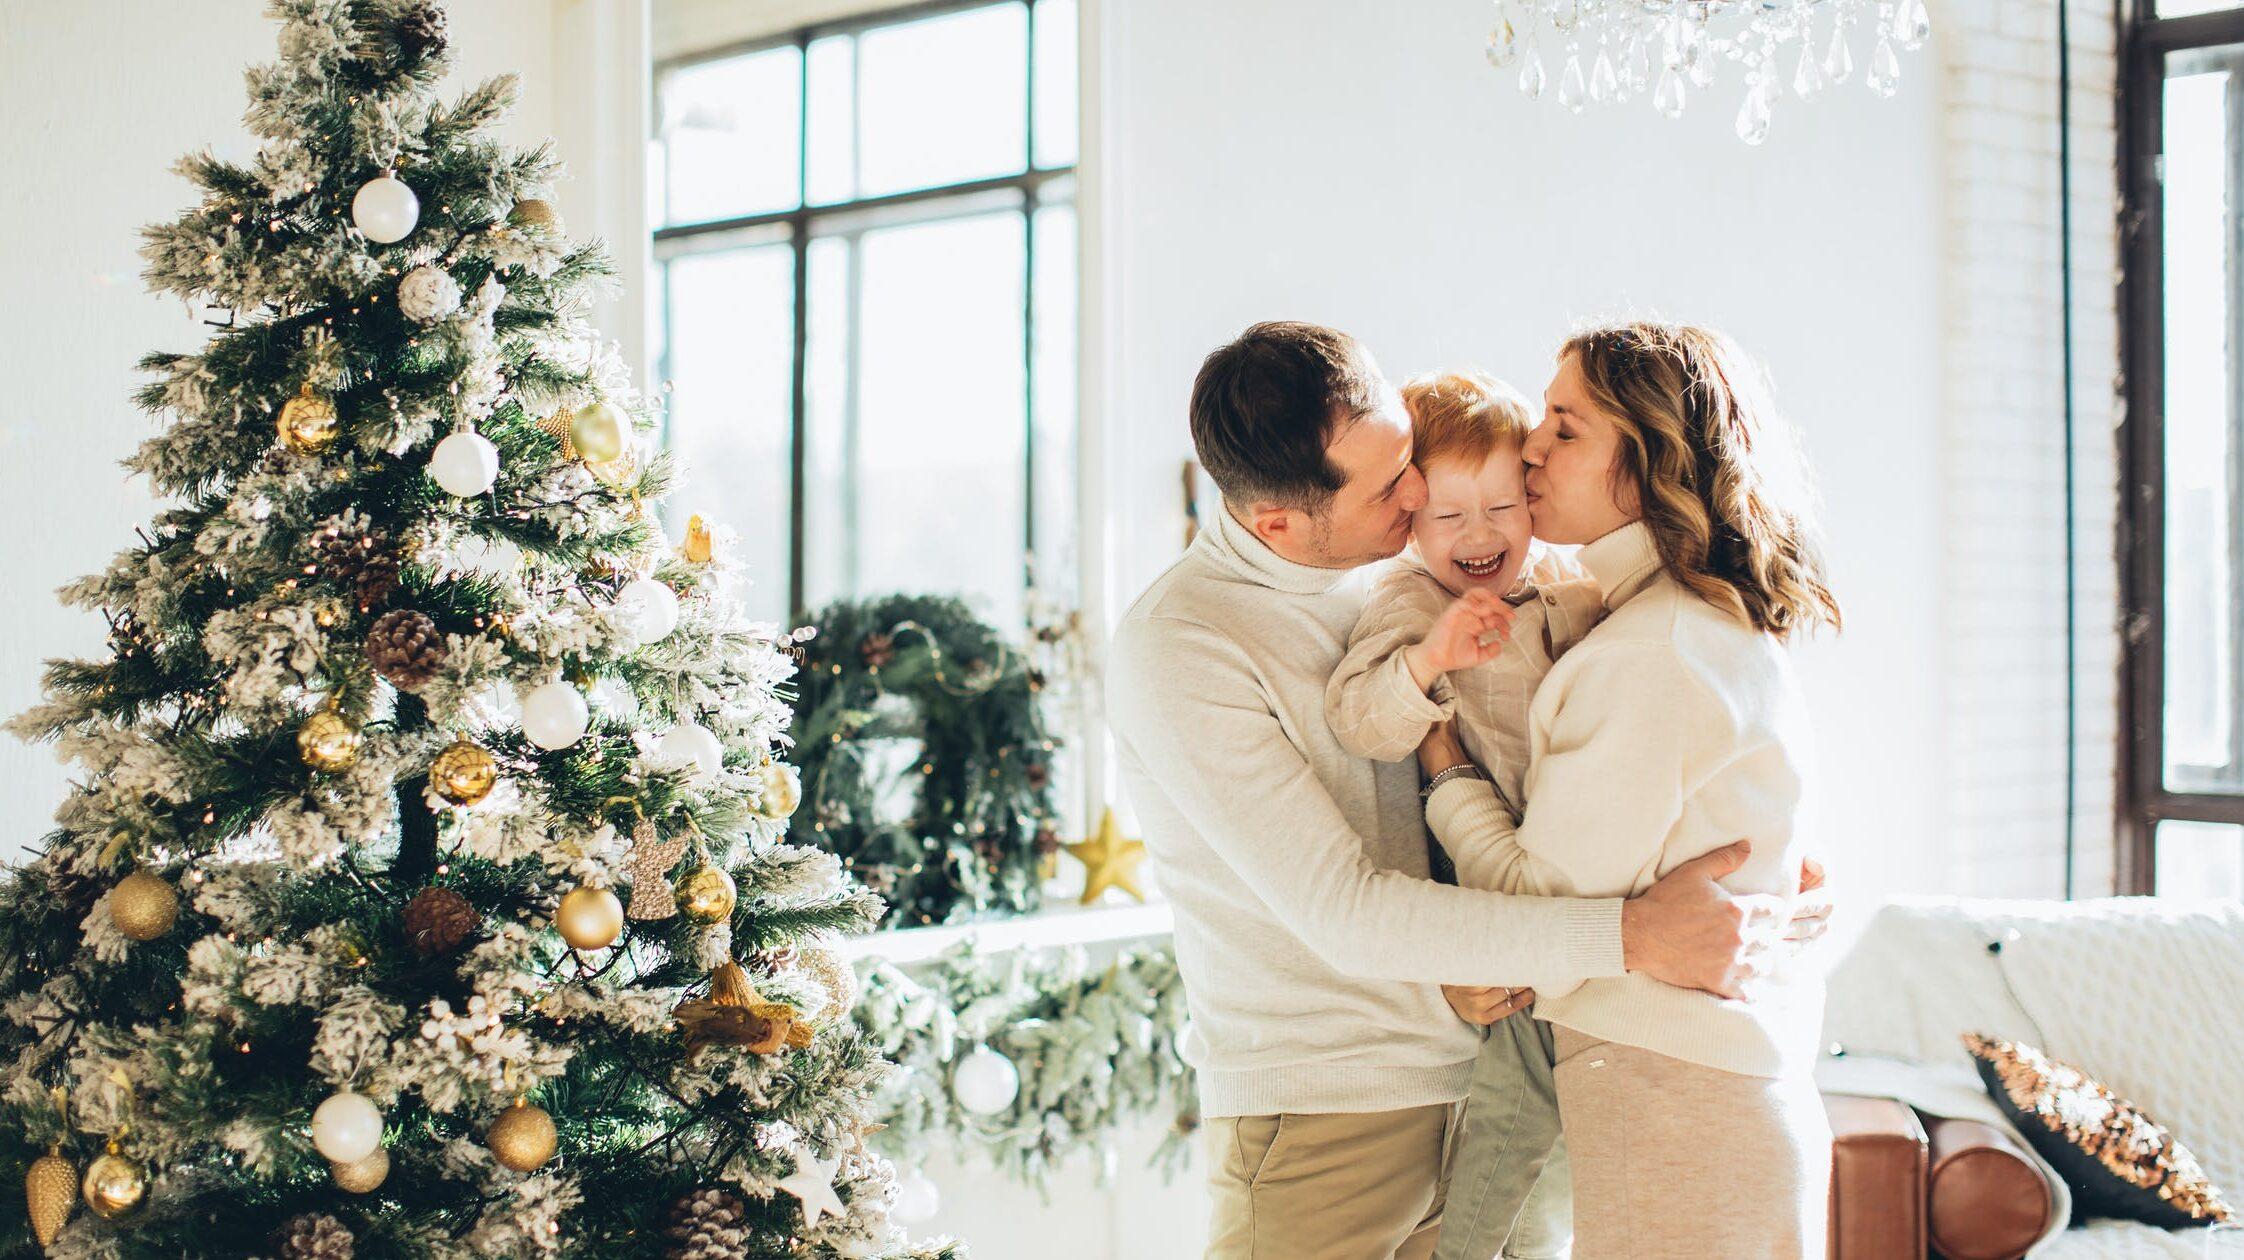 家族の幸せは母親で決まる?のイメージ画像5